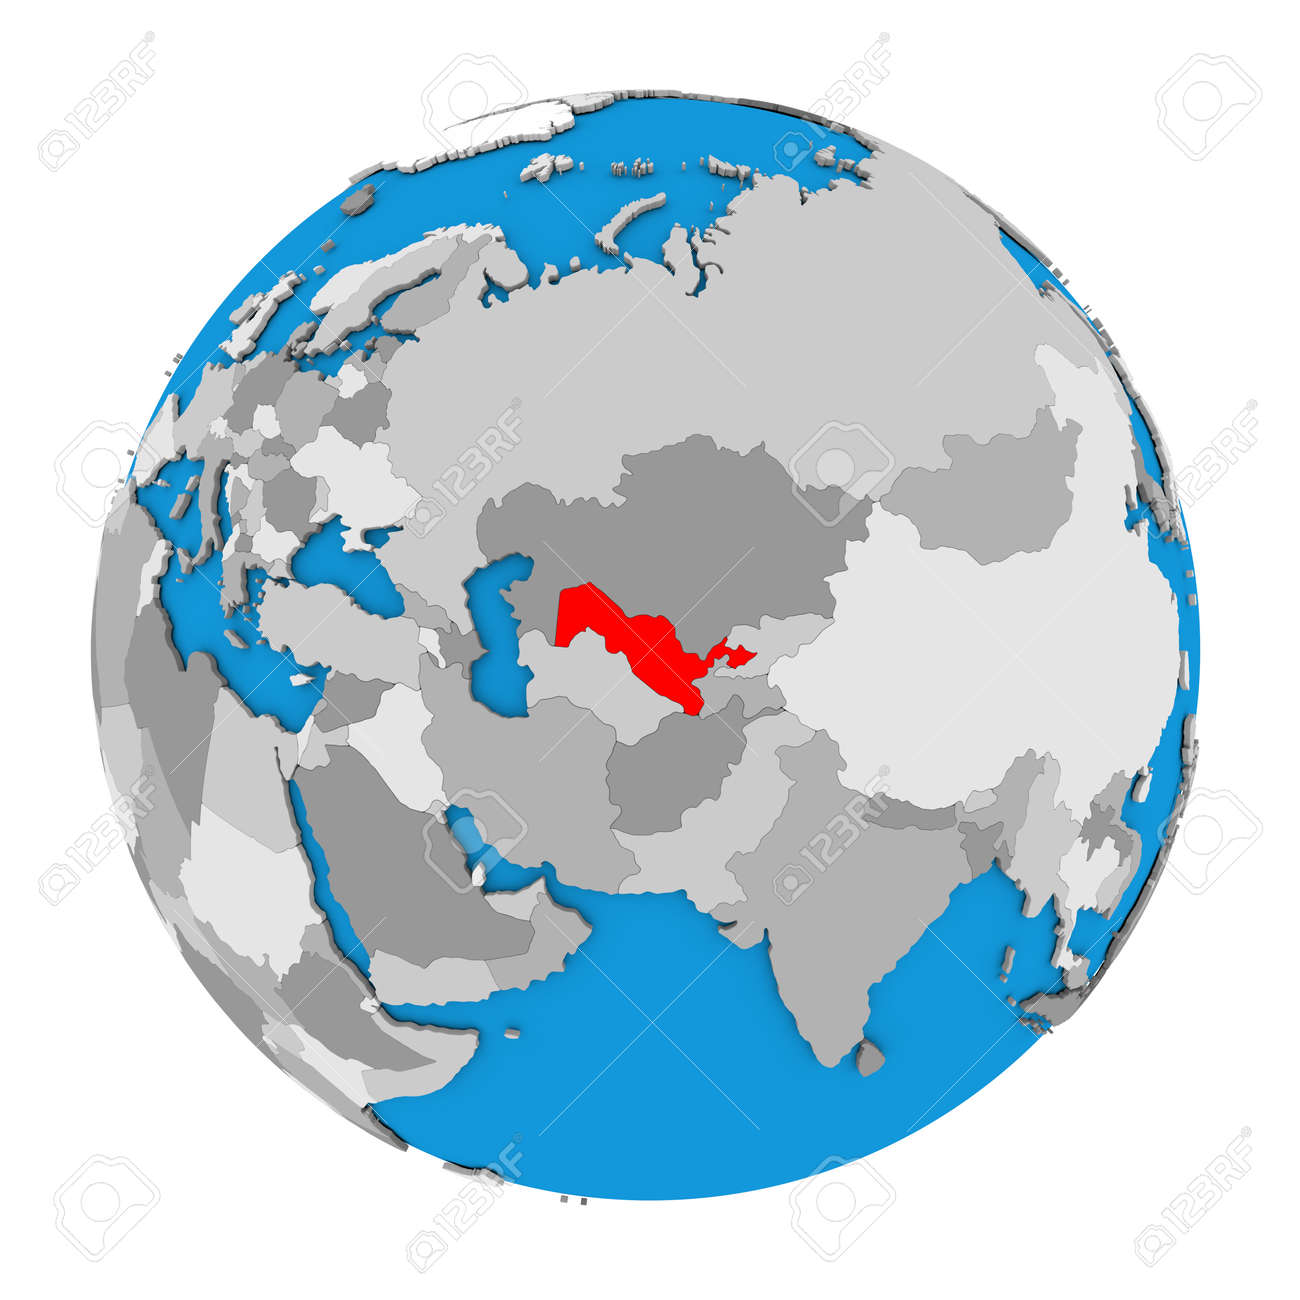 Usbekistan Karte.Stock Photo